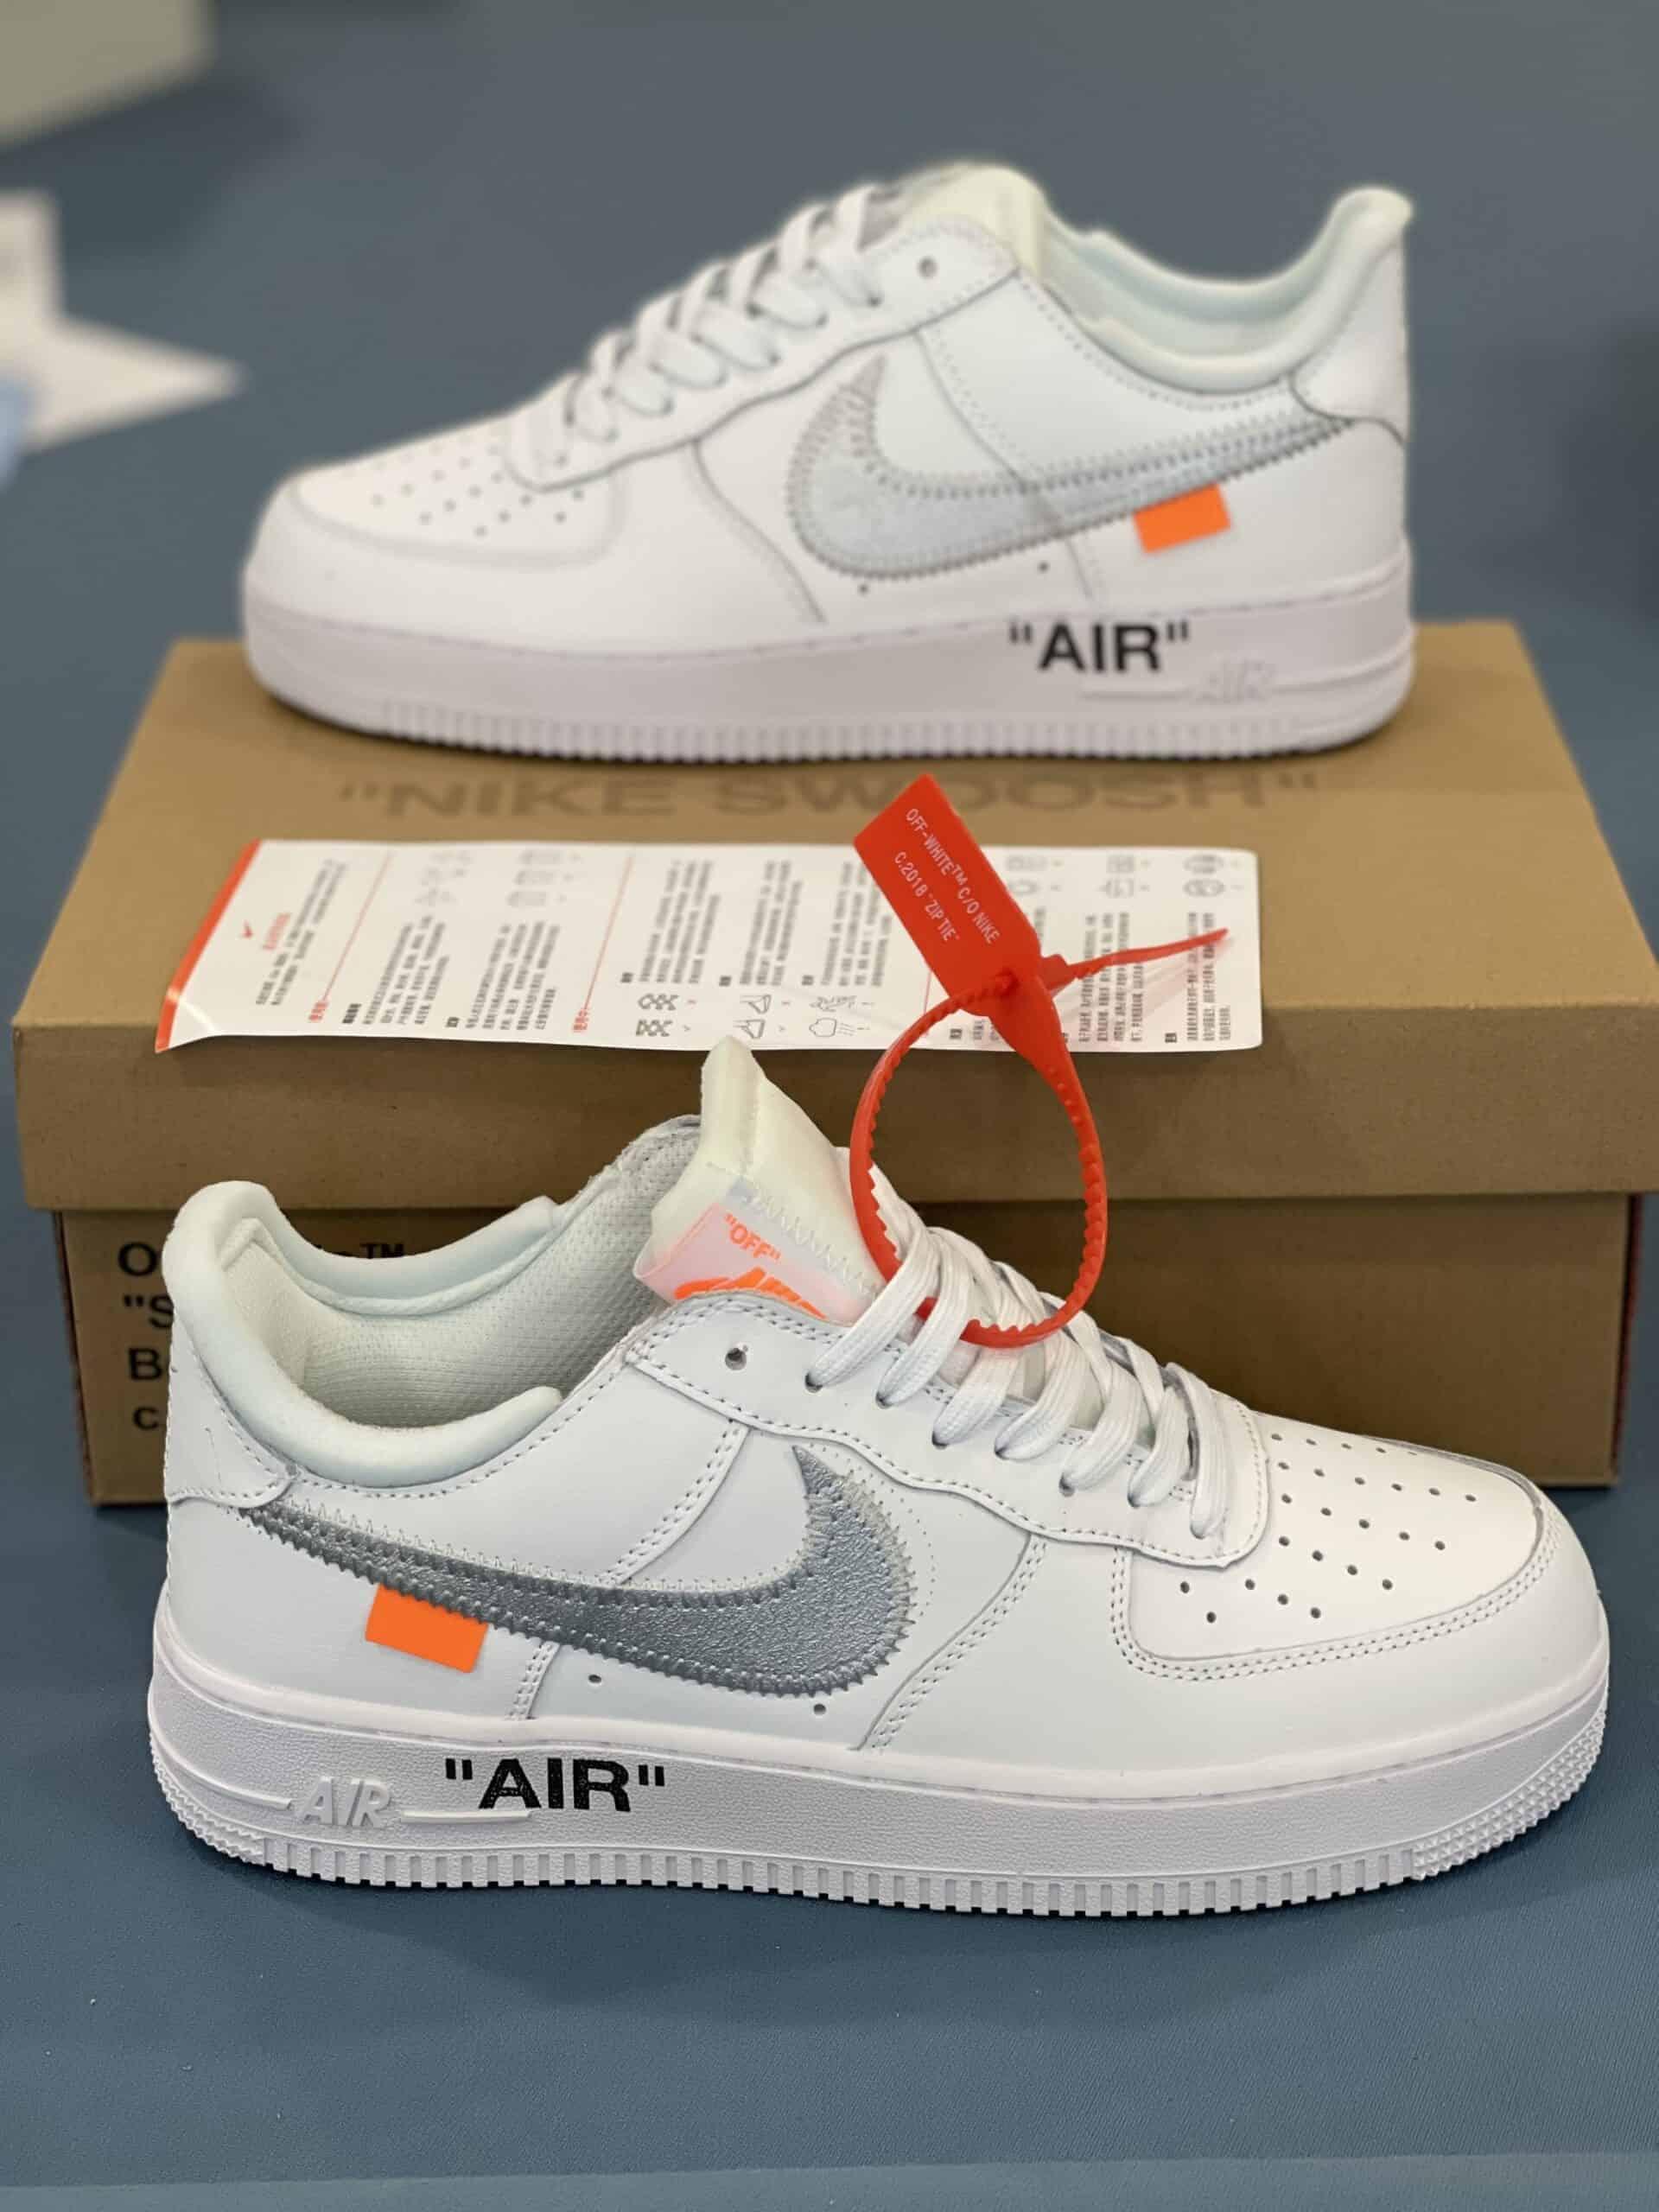 Nike Air Force 1 Tích Bạc Rep 1:1 mang phong cách đẳng cấp, tinh tế